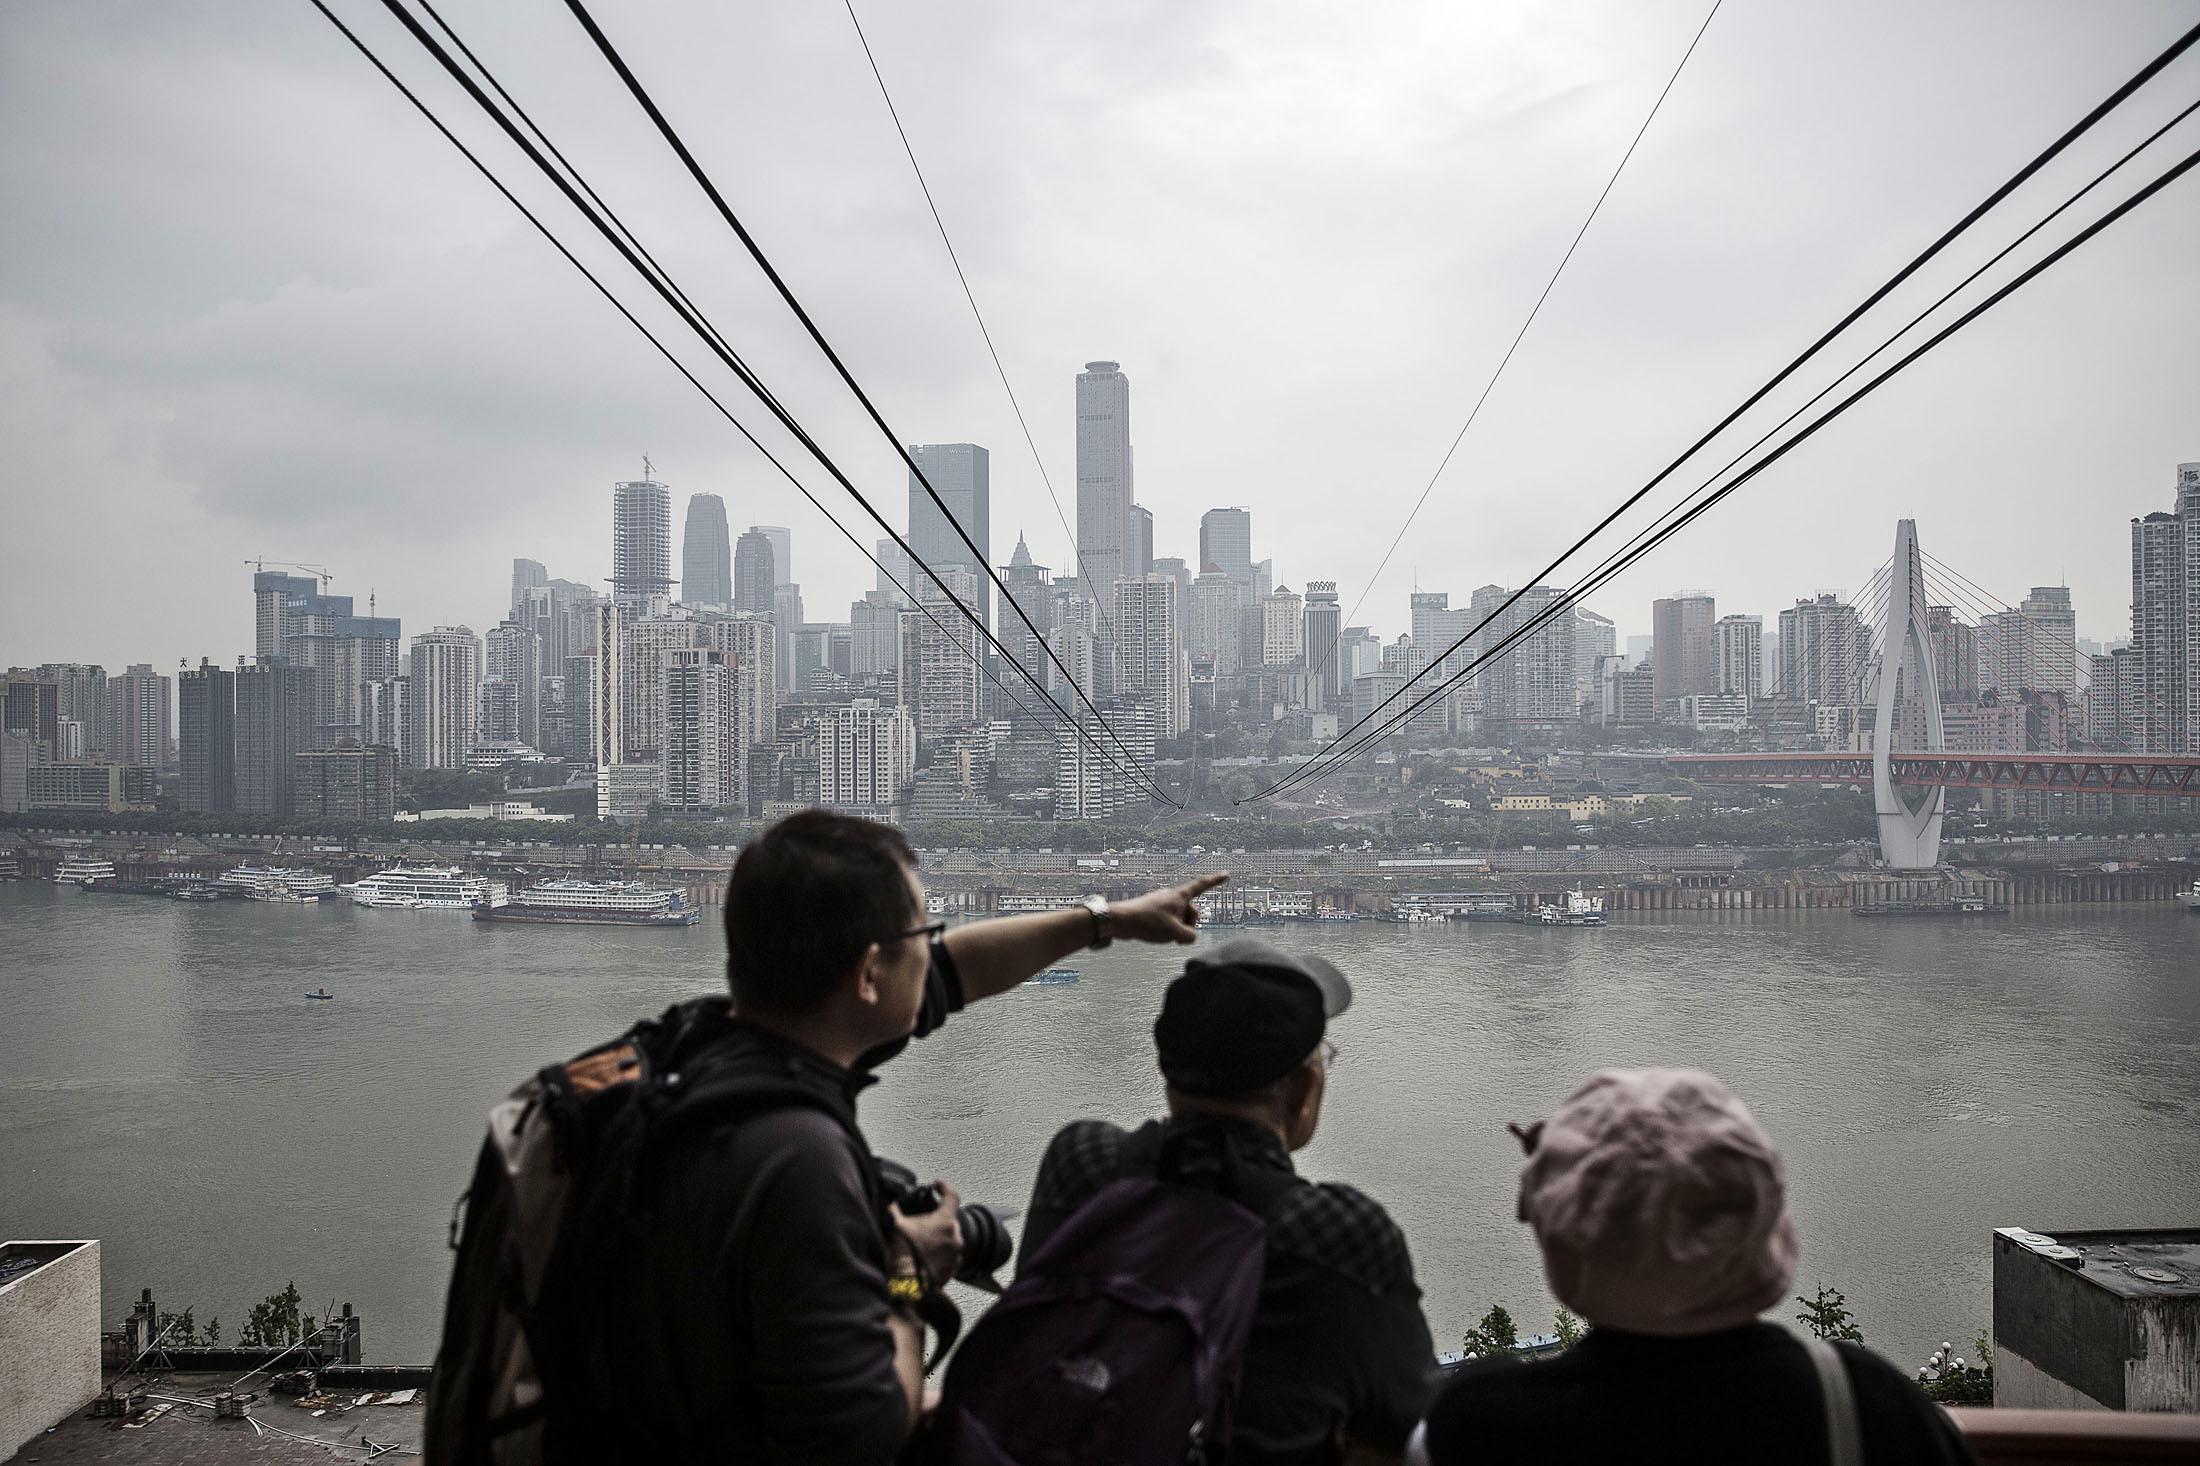 Du khách đợi đi cáp treo trên sông Trường Giang, Trùng Khánh. Ảnh: Qilai Shen/Bloomberg